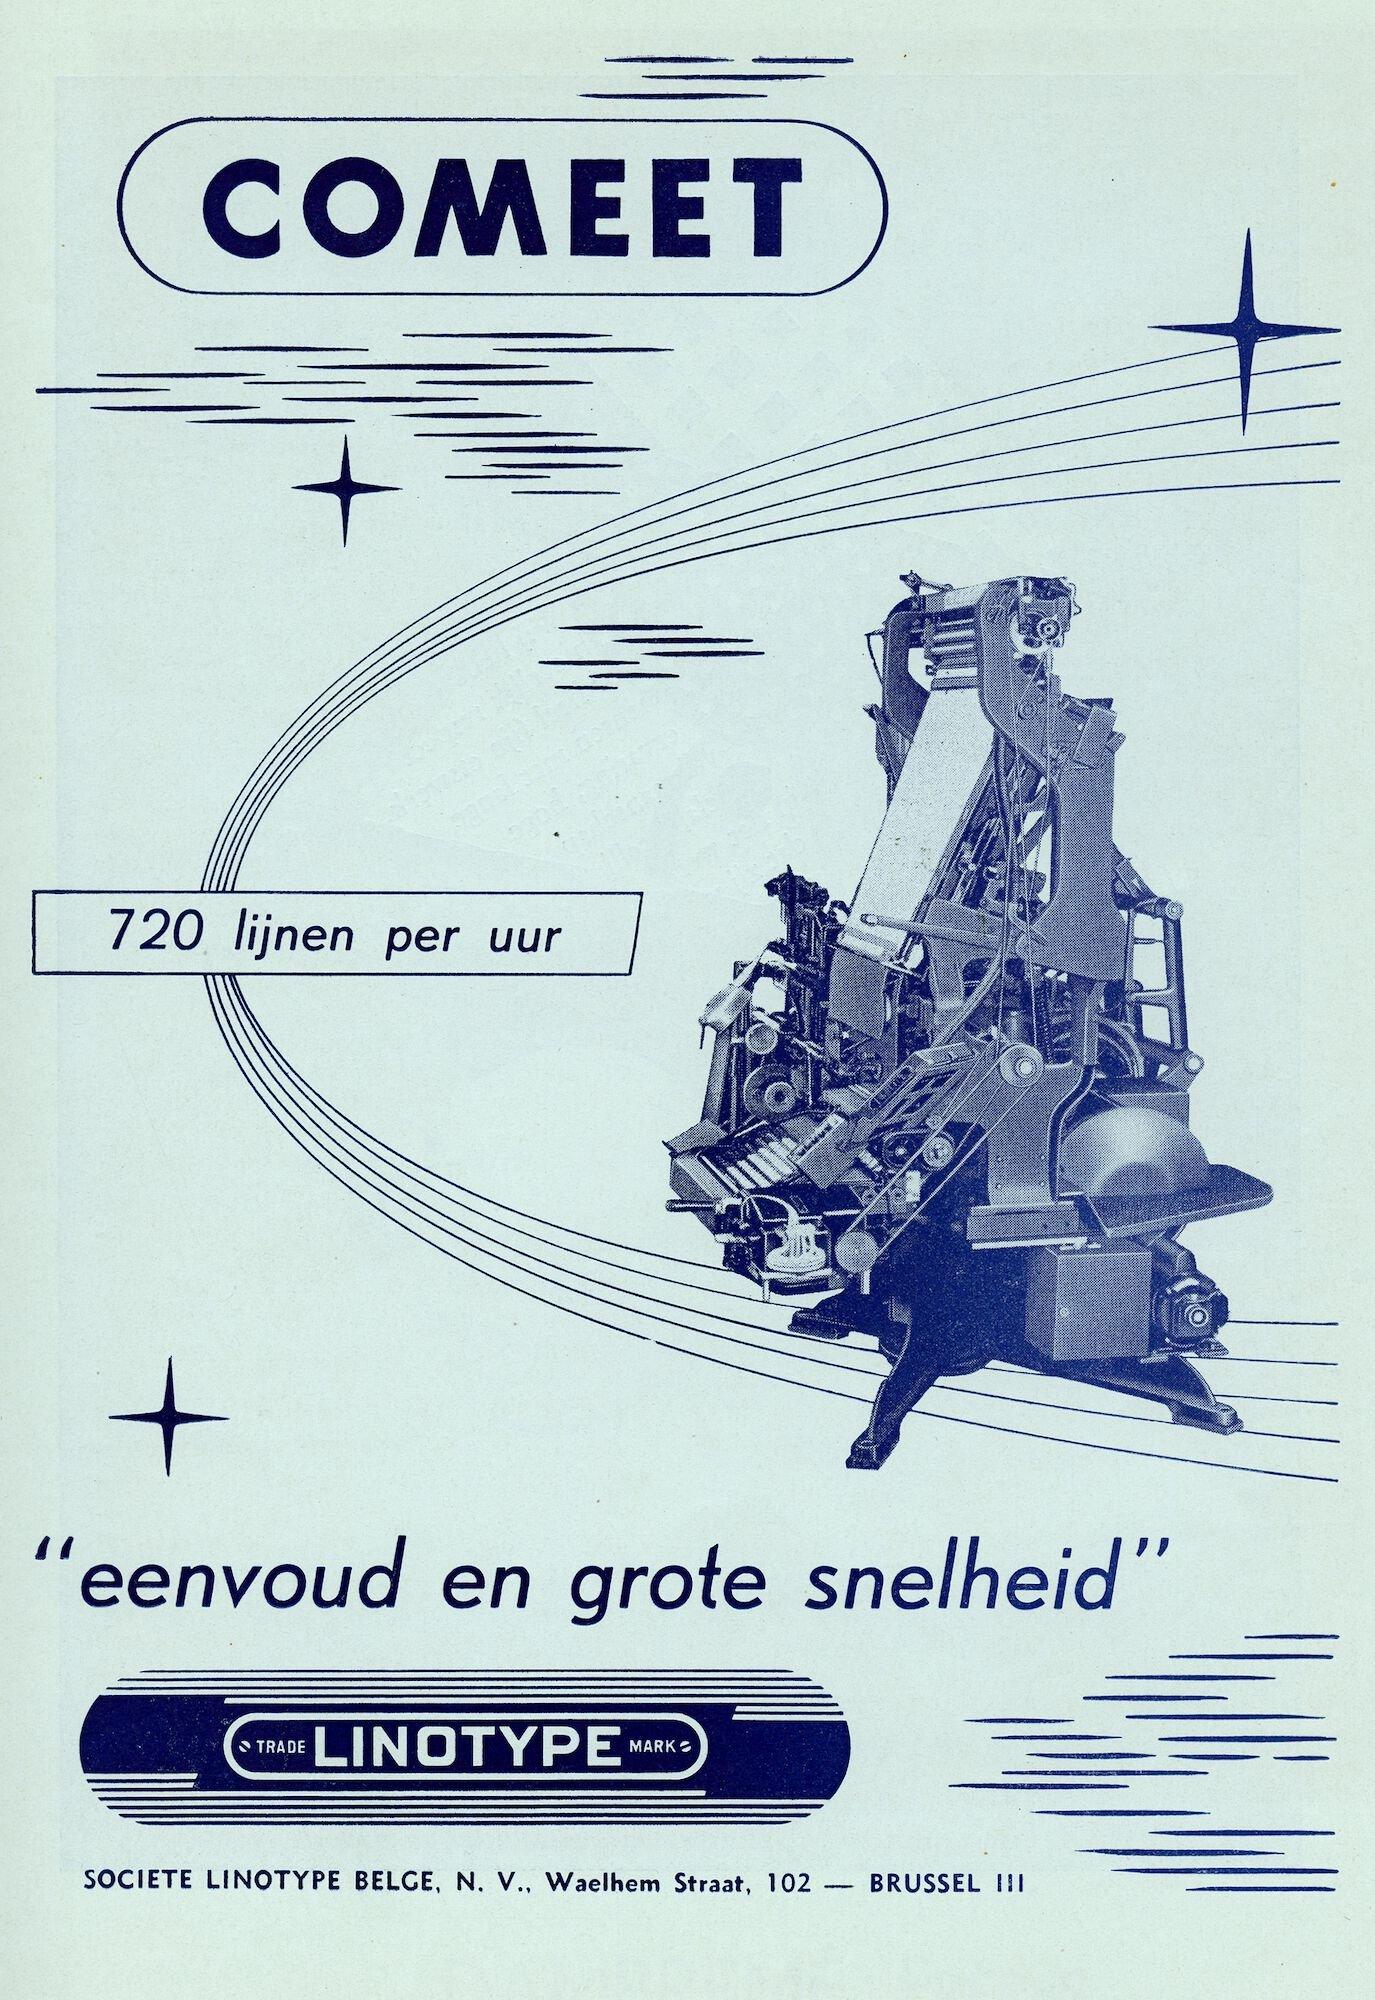 Reclame voor Linotype zetmachine door Société Linotype Belge